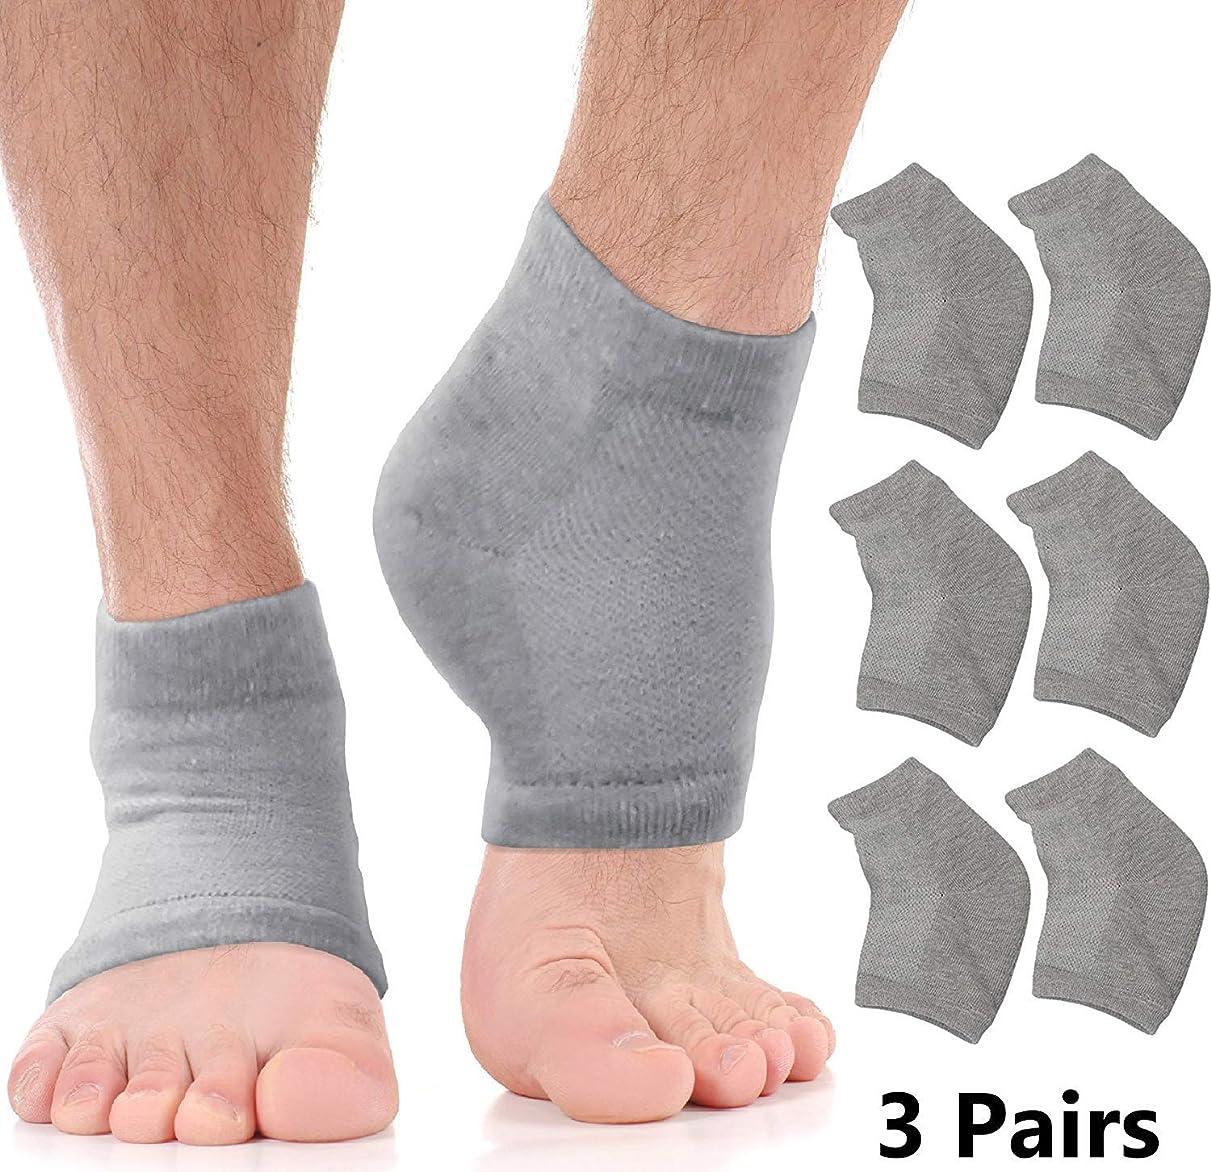 頭痛独裁者ヒロインモイスチャライジングソックスクラックトヒールトリートメント-乾燥した足とかかとを素早く扱います。 アロエモイスチャライザーローションを注入したジェルヒールソックスで、ひび割れた足の皮膚の痛みを和らげます。 女性と男性の両方のためのペディキュア (Large - Value Pack 3 Pairs)